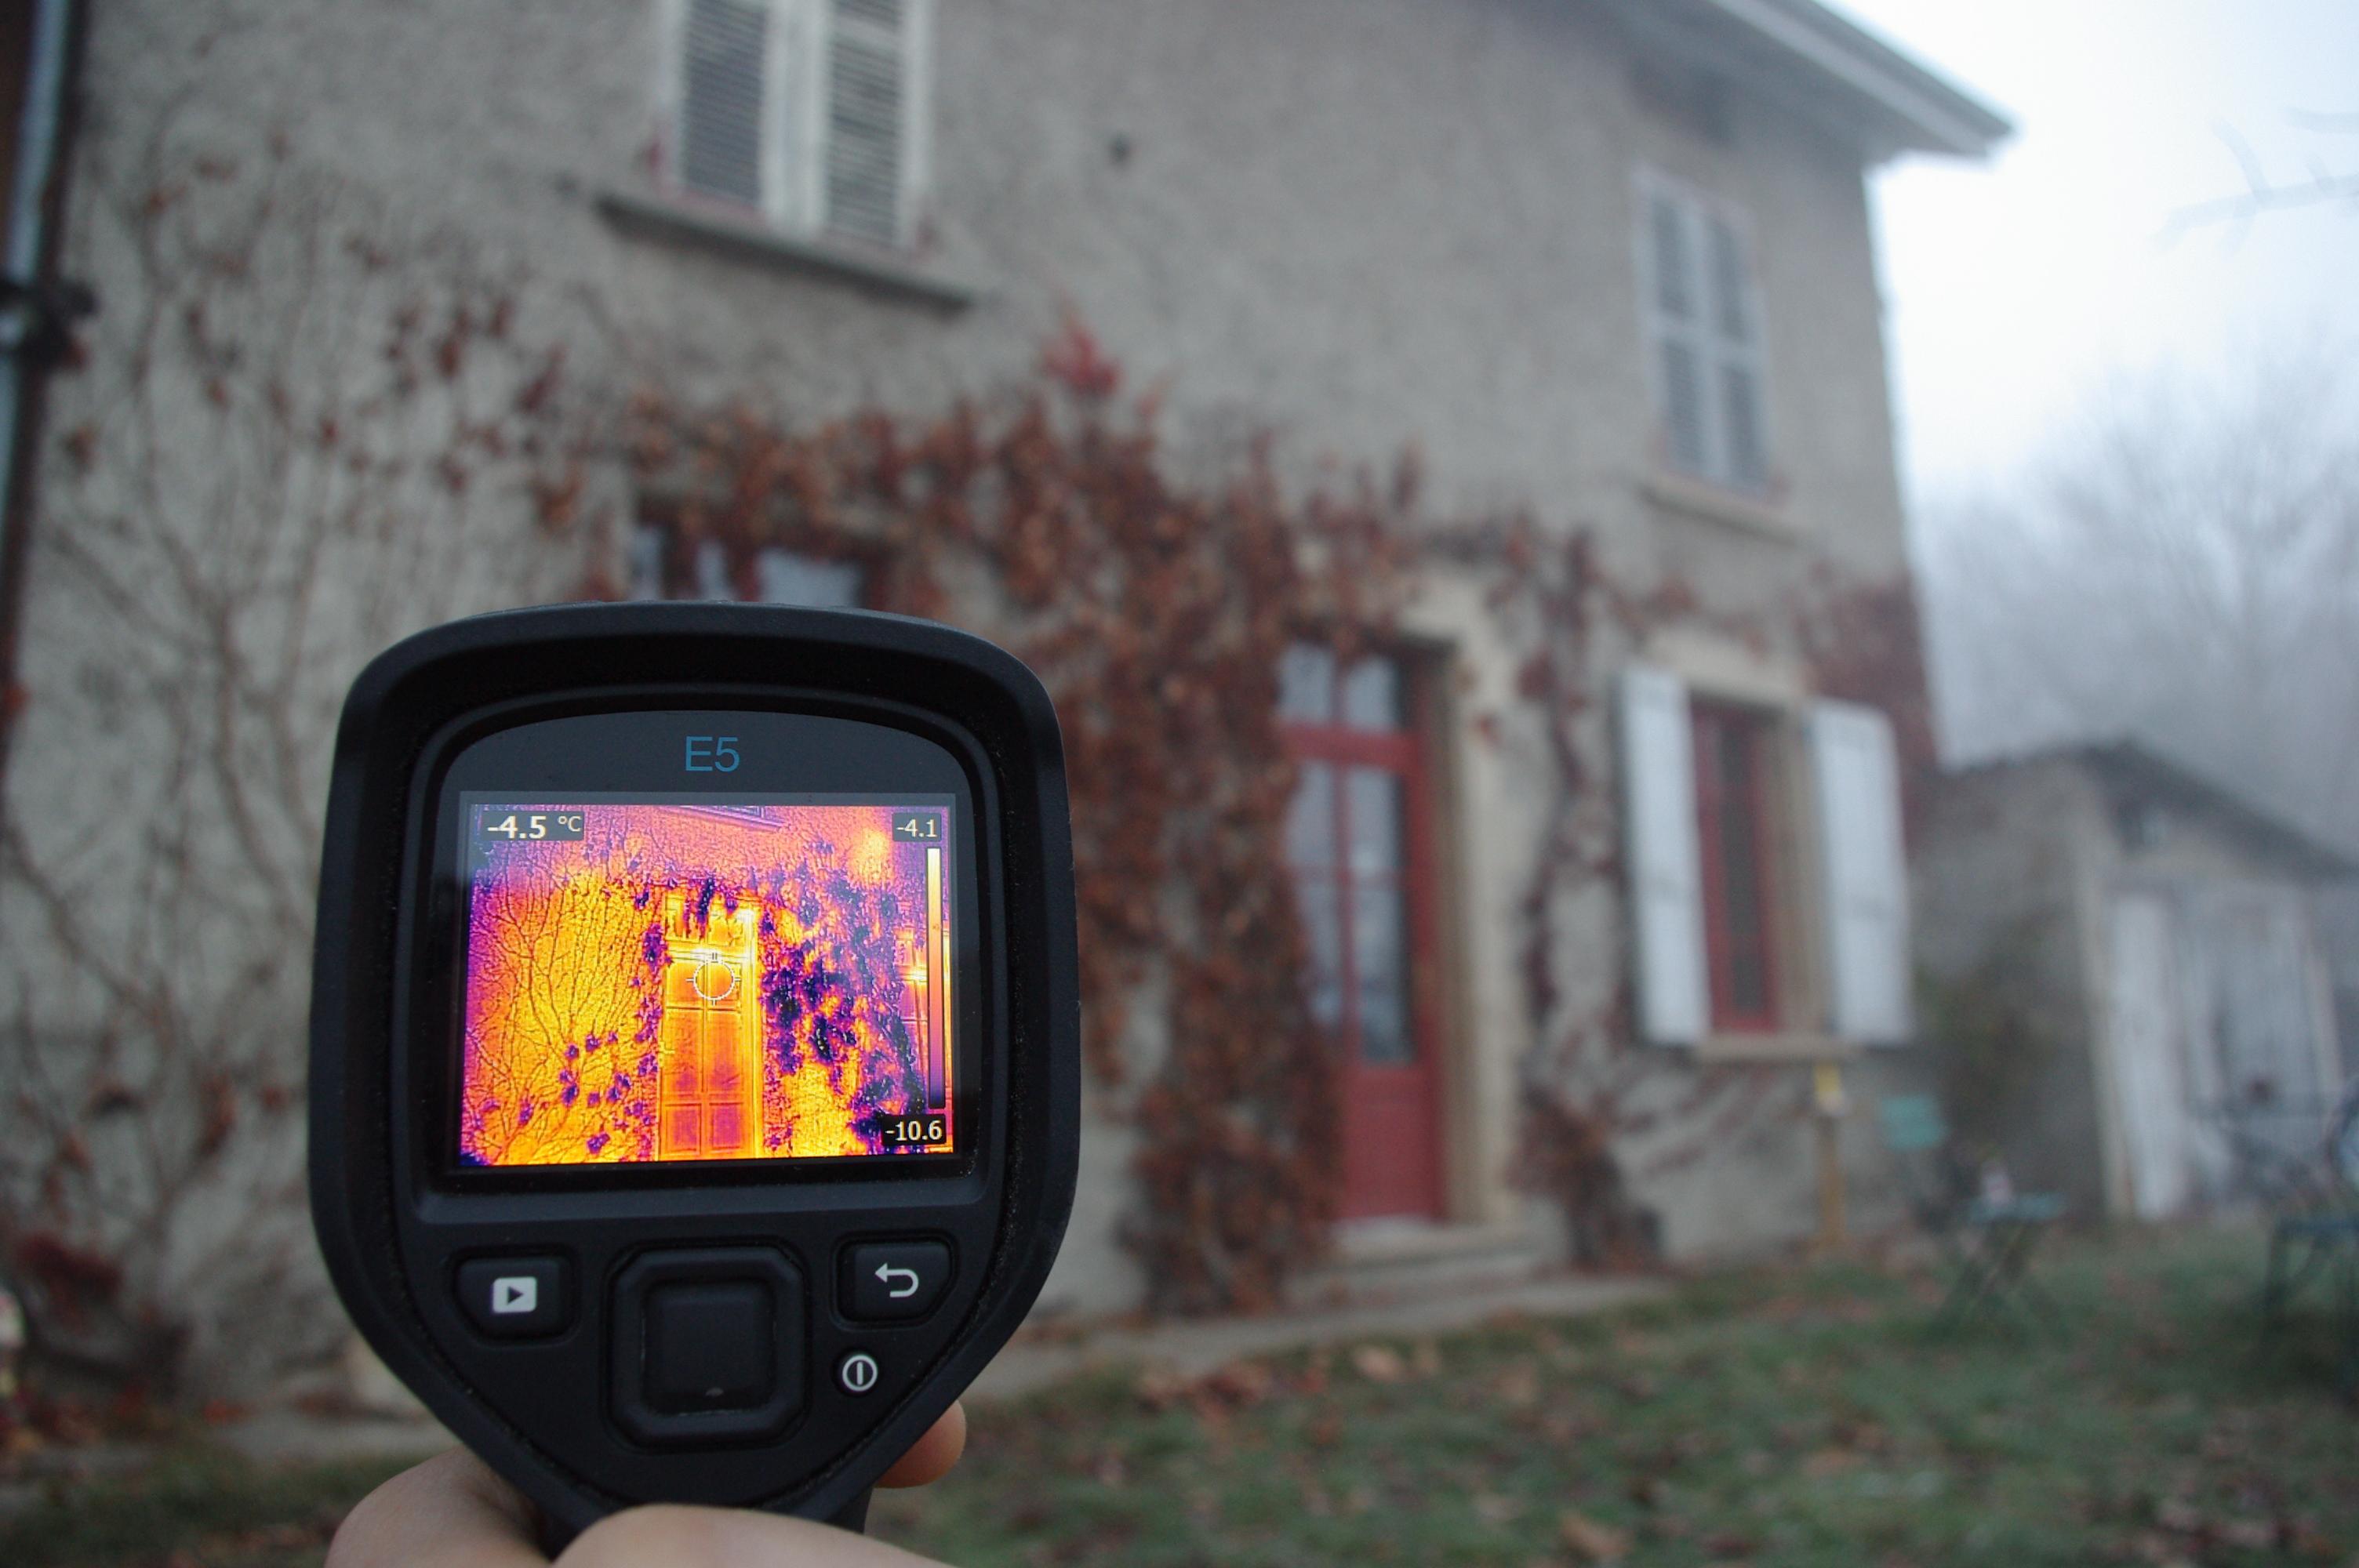 Soirée thermographique aux Abrets-en-Dauphiné